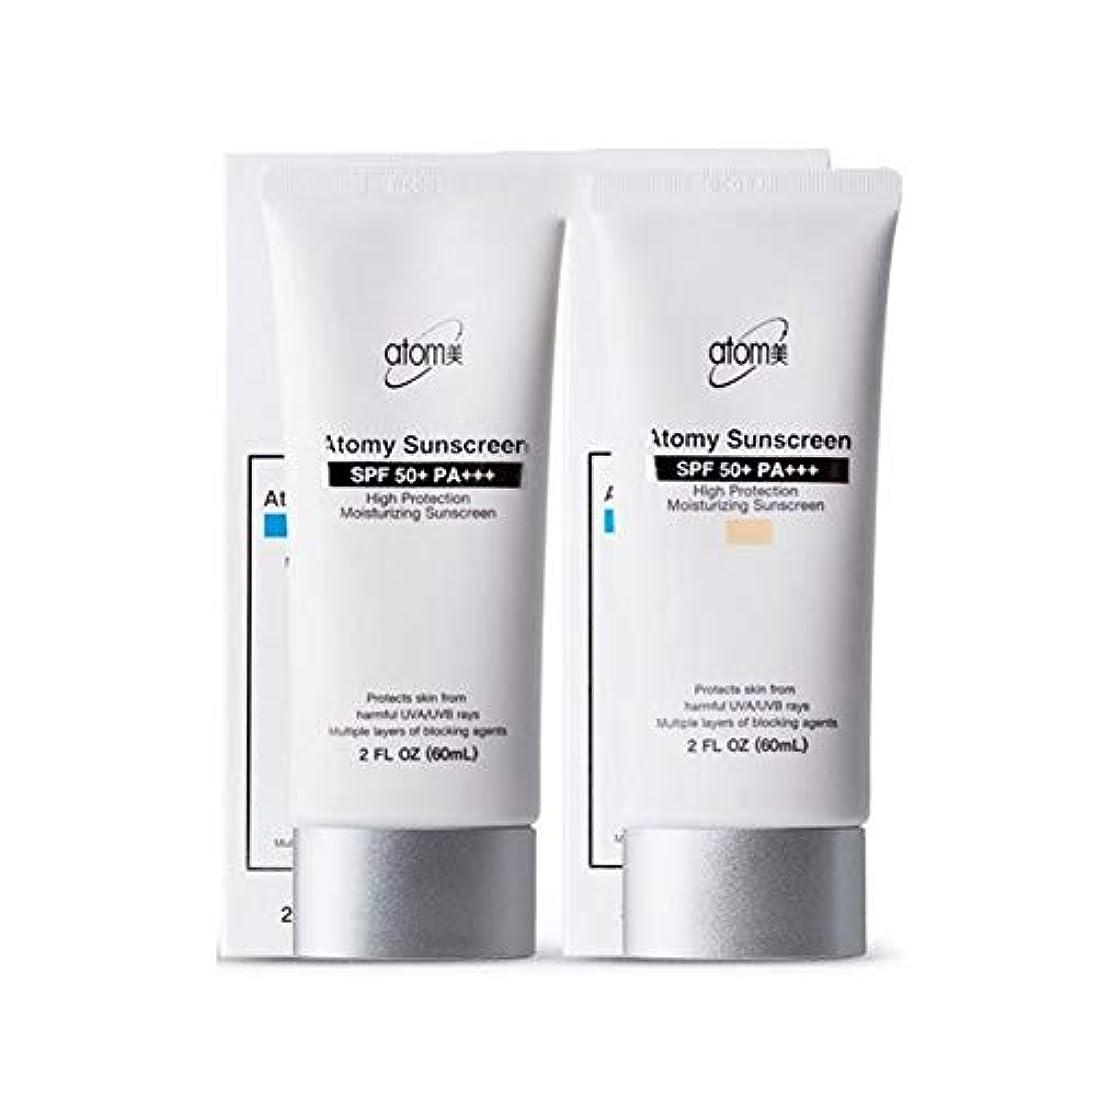 クリームレザーコカインアトミ(Atomy) サンクリームベージュ+ホワイト(SPF50+/PA+++)60ml、ハイプロテクション、Atomy Sun Cream Beige+White(SPF50+/PA+++)60ml、High Protection...